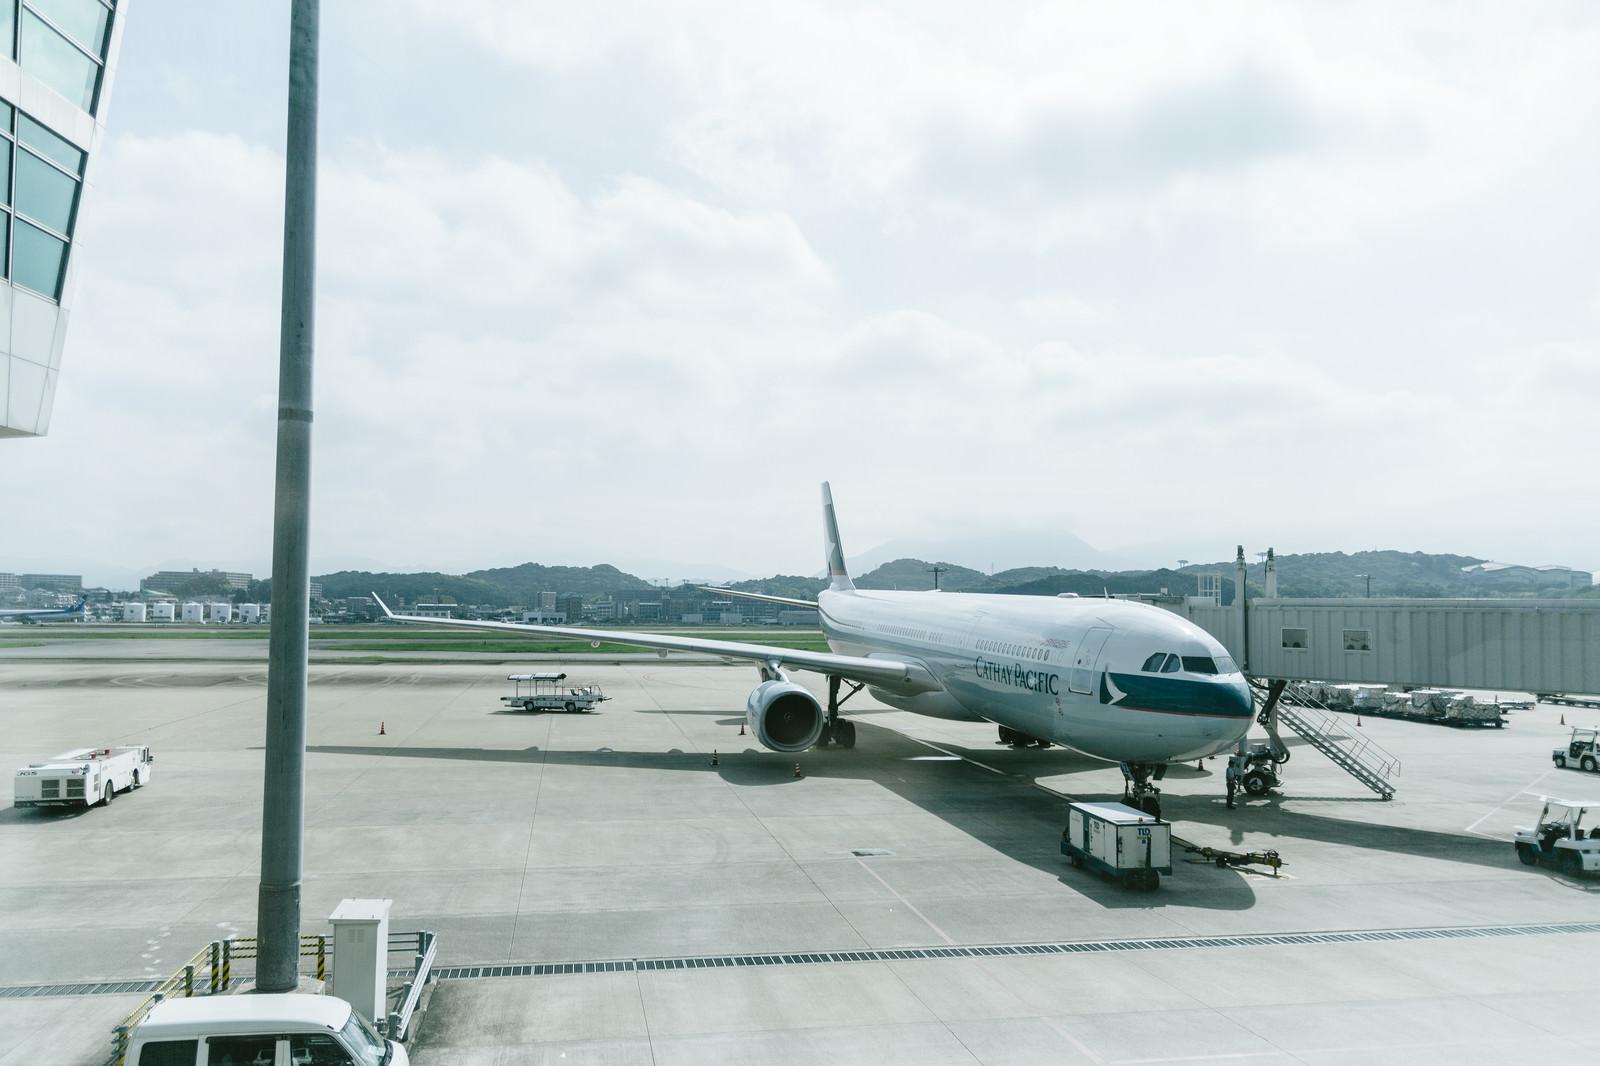 「空港と旅客機空港と旅客機」のフリー写真素材